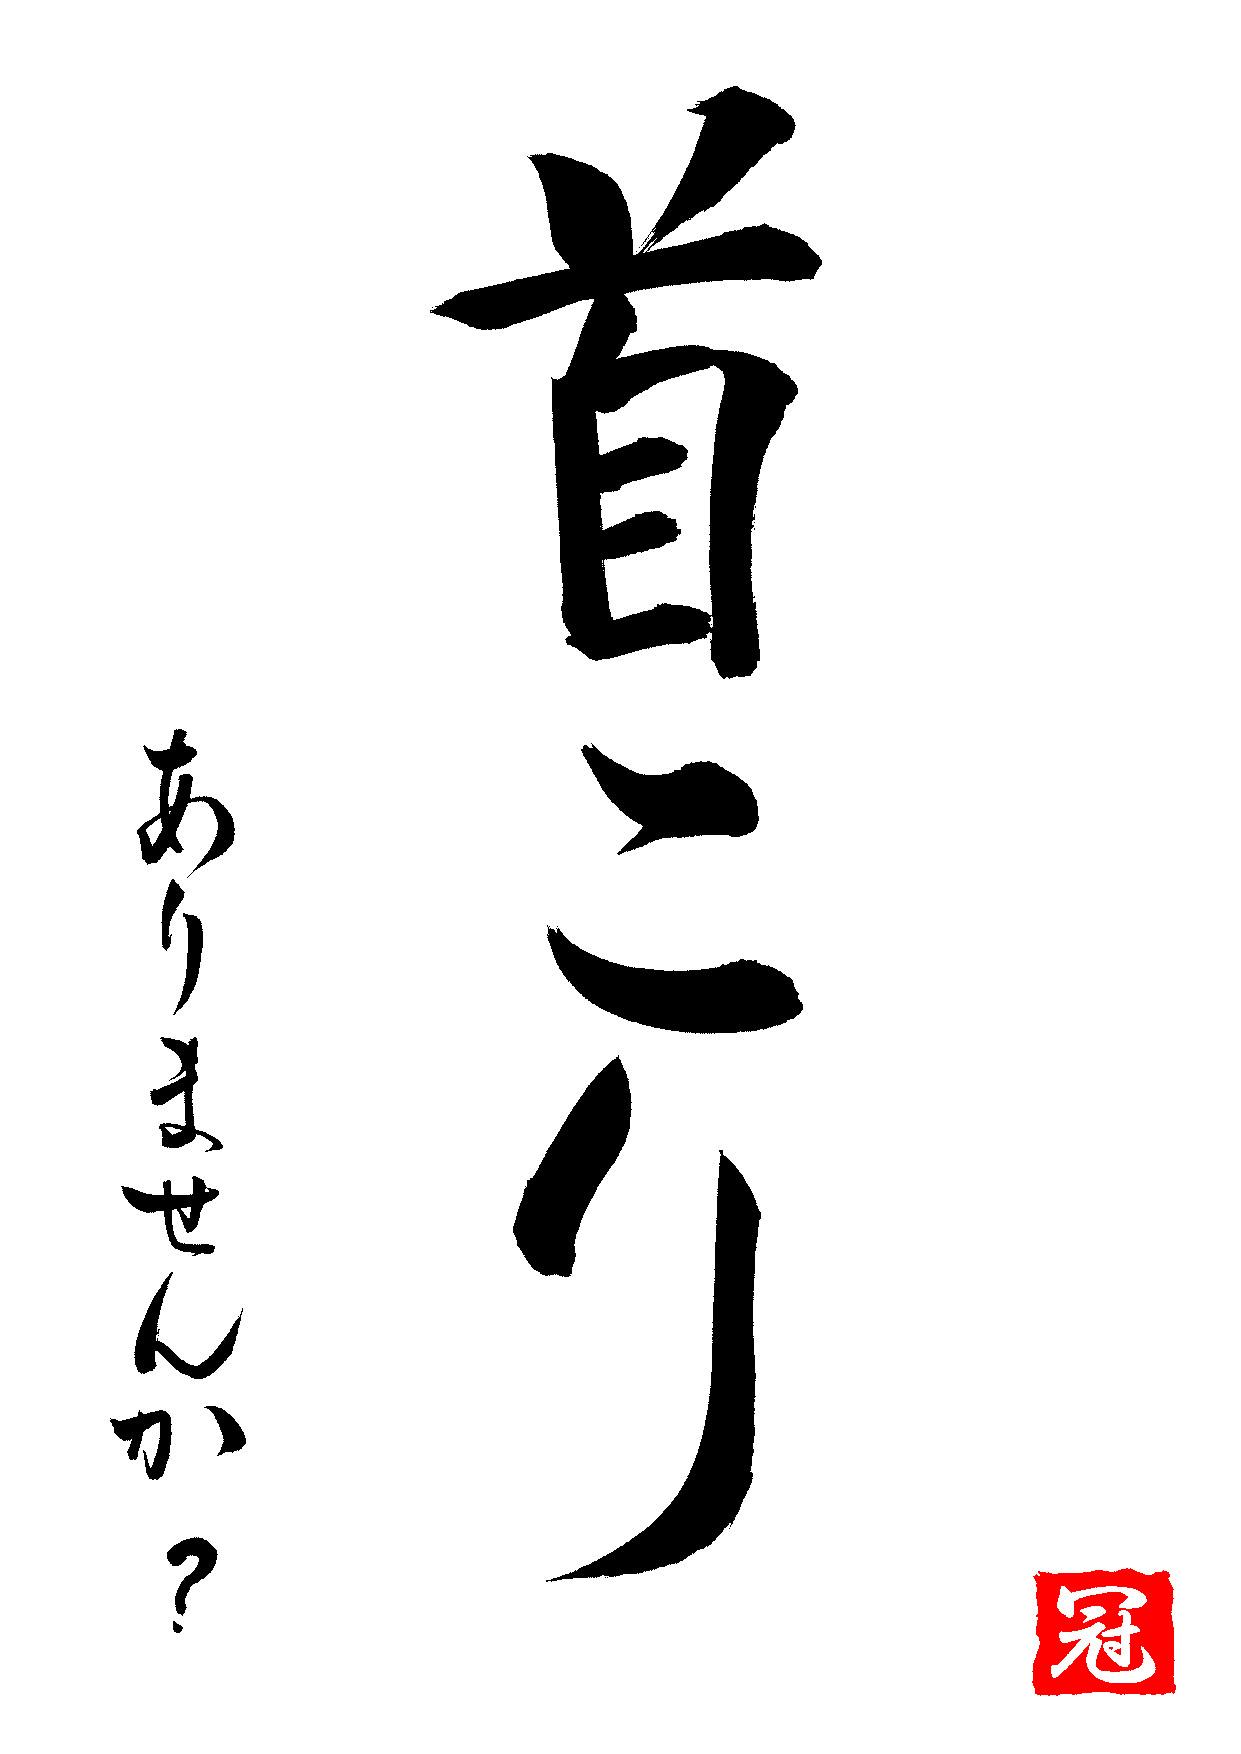 首こりポスター冠A4.jpg